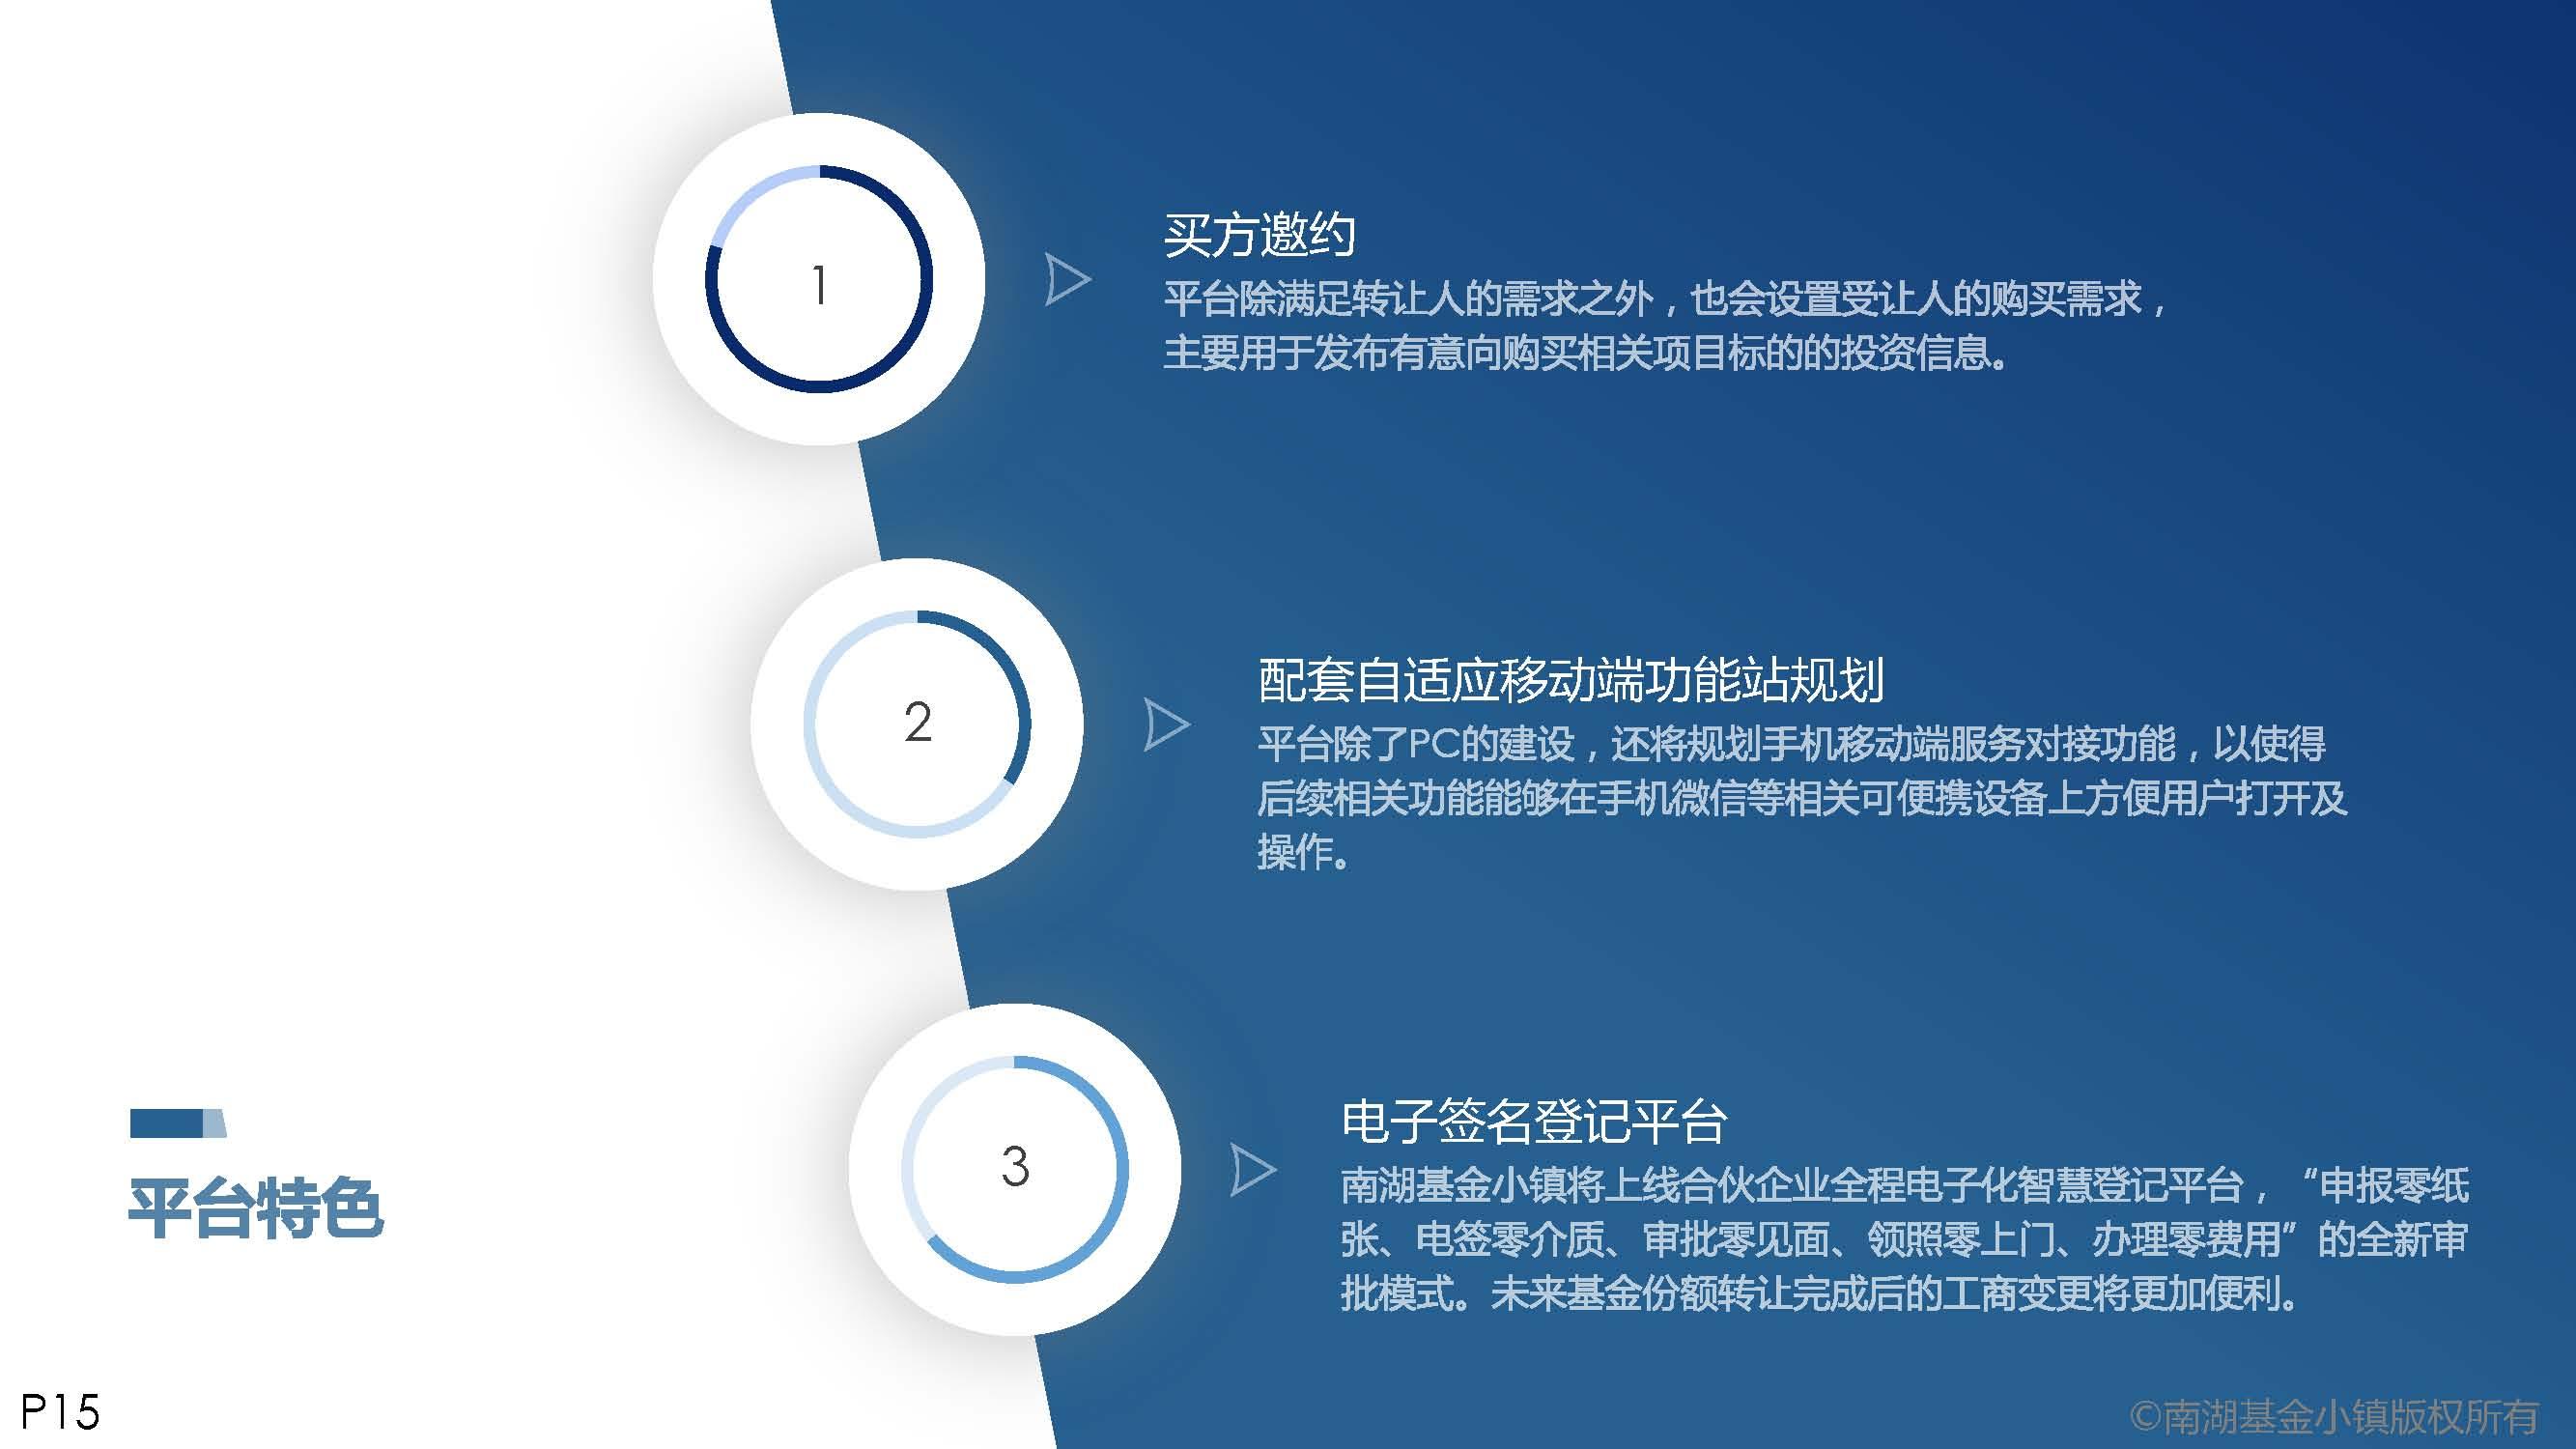 南湖基金小镇投融圈-内部转让信息对接服务平台介绍(6月26日修改稿)_页面_15.jpg